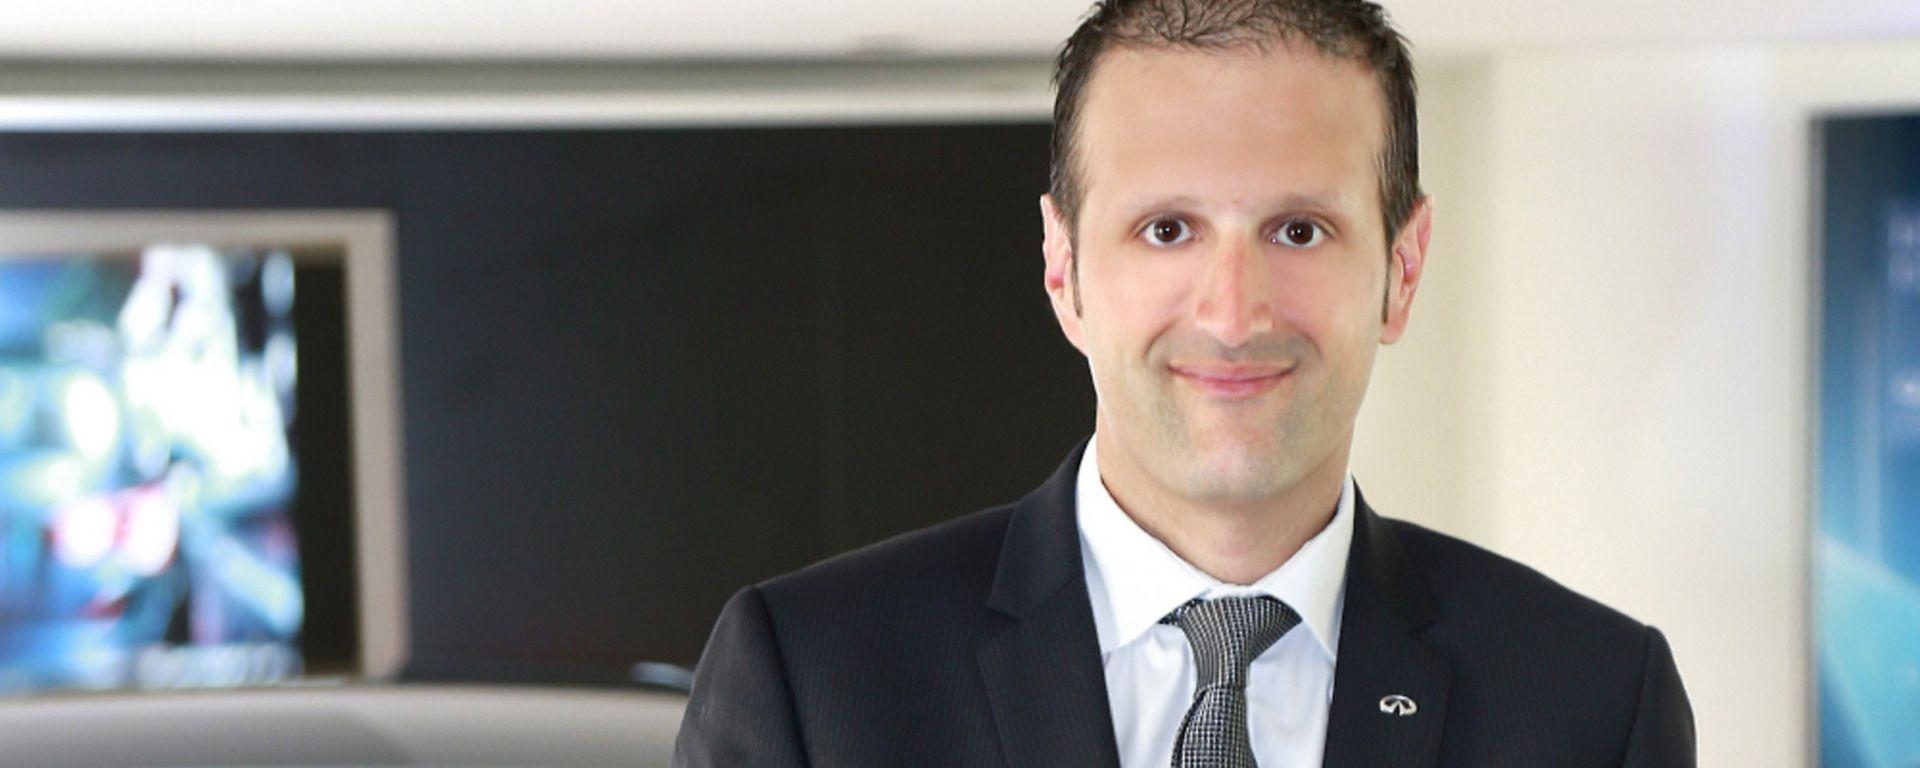 Infiniti: Stéphane Chemama Direttore Mercati per il Sud Europa